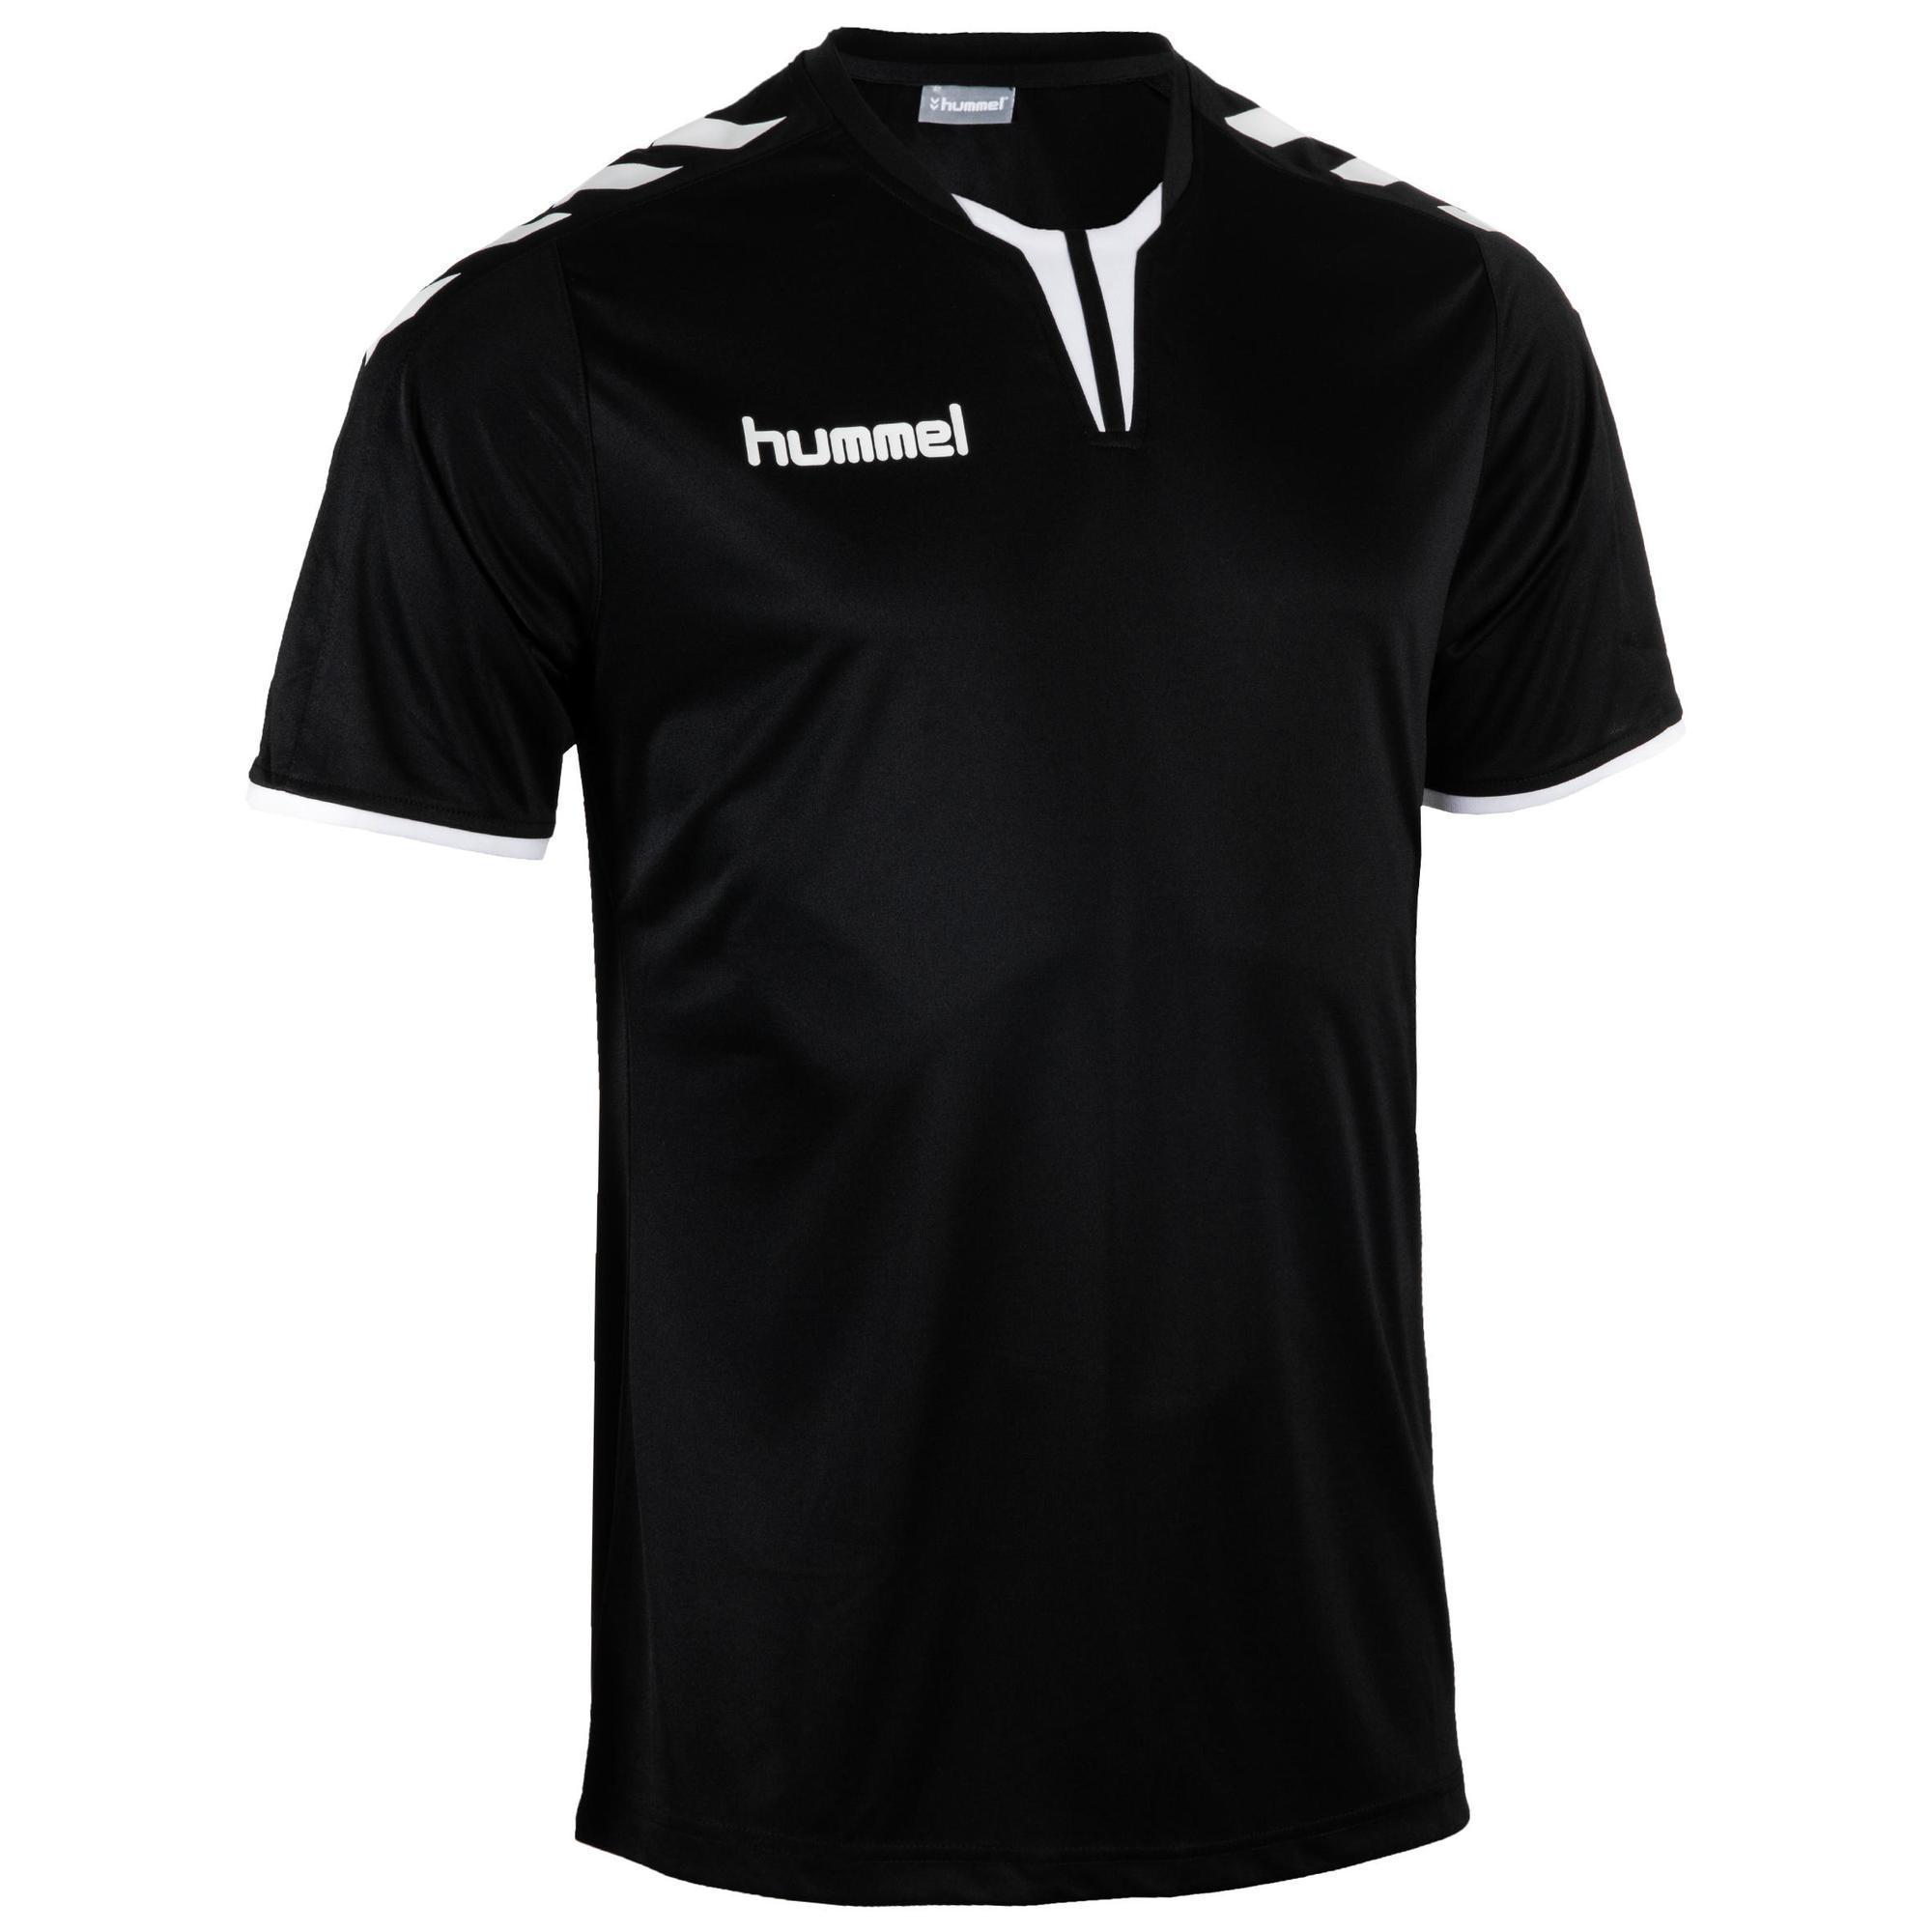 Handballtrikot Core Herren schwarz/weiß | Sportbekleidung > Trikots > Handballtrikots | Hummel